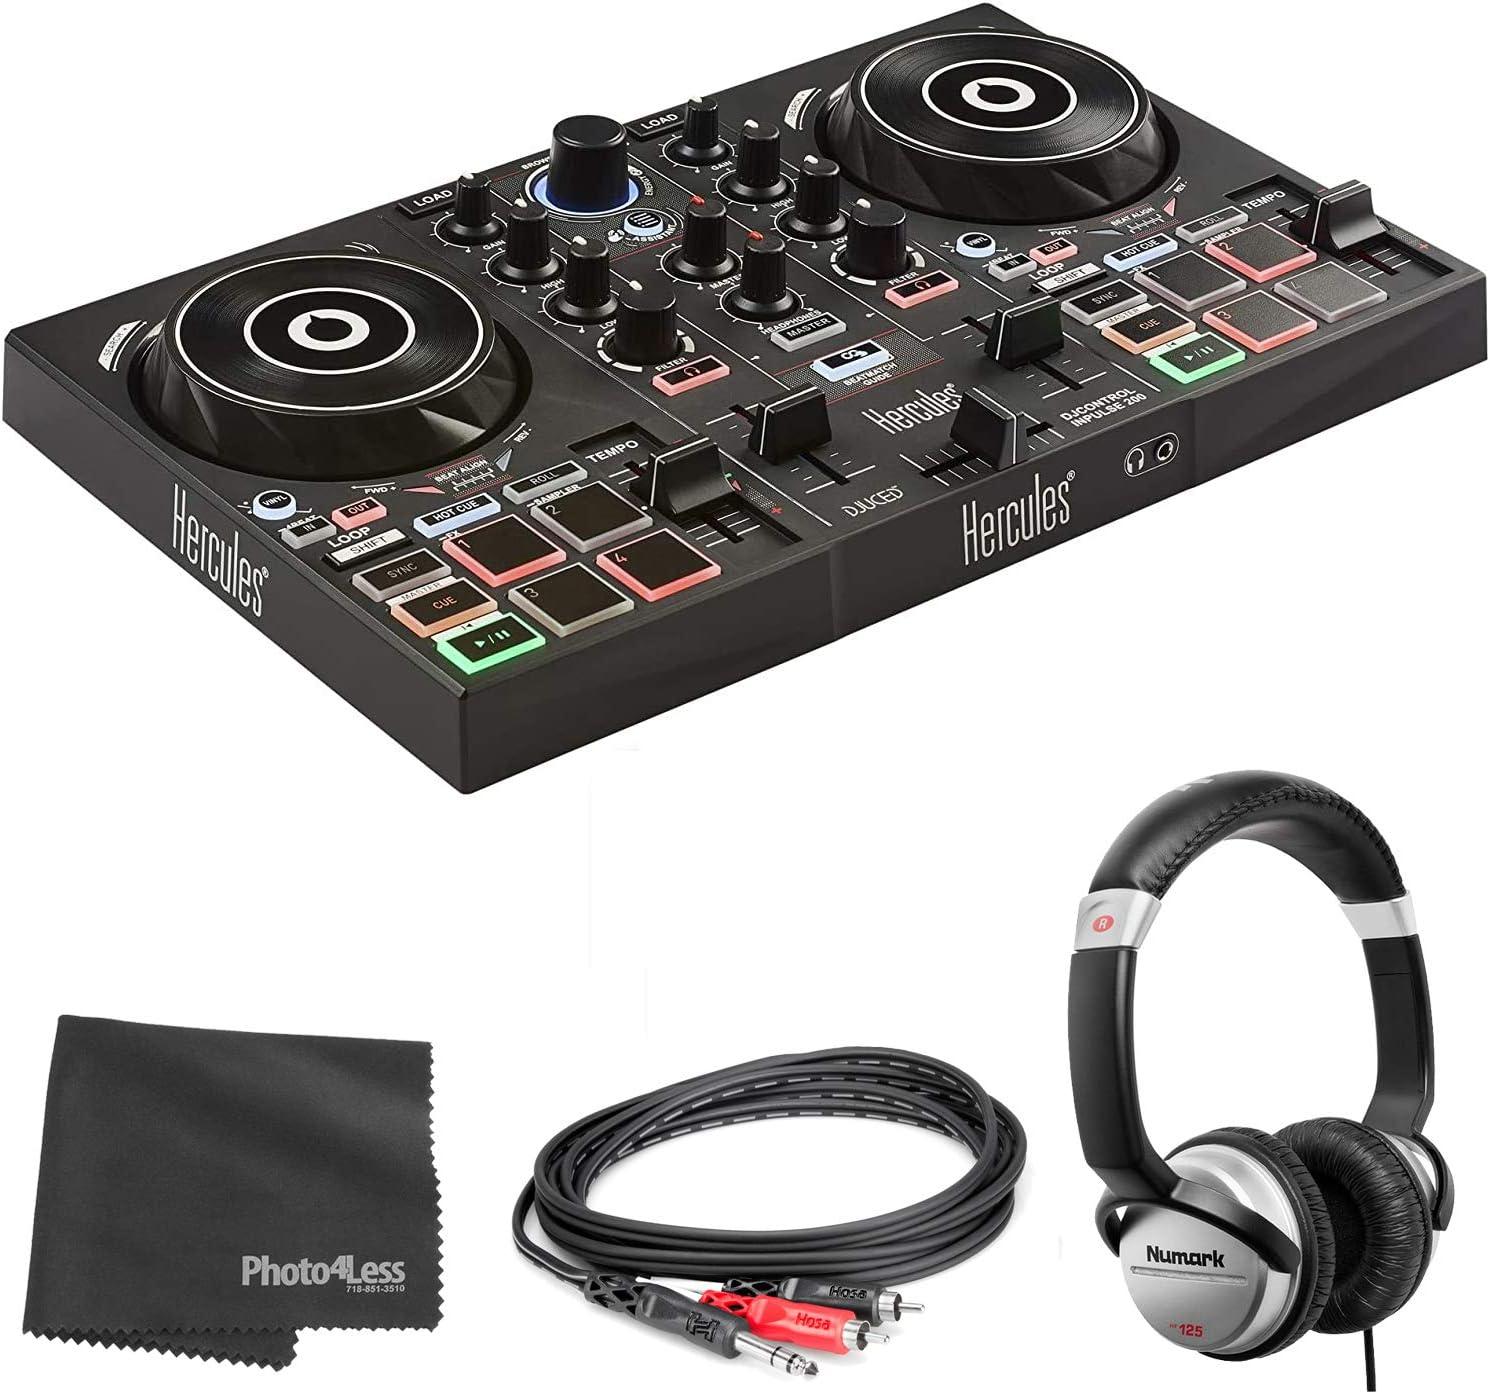 적 INPULSE200|USB DJ 컨트롤러 BEATMATCH 가이드+프 HF125 전문 DJ 헤드폰+HOSA TRS 케이블+청소 피복